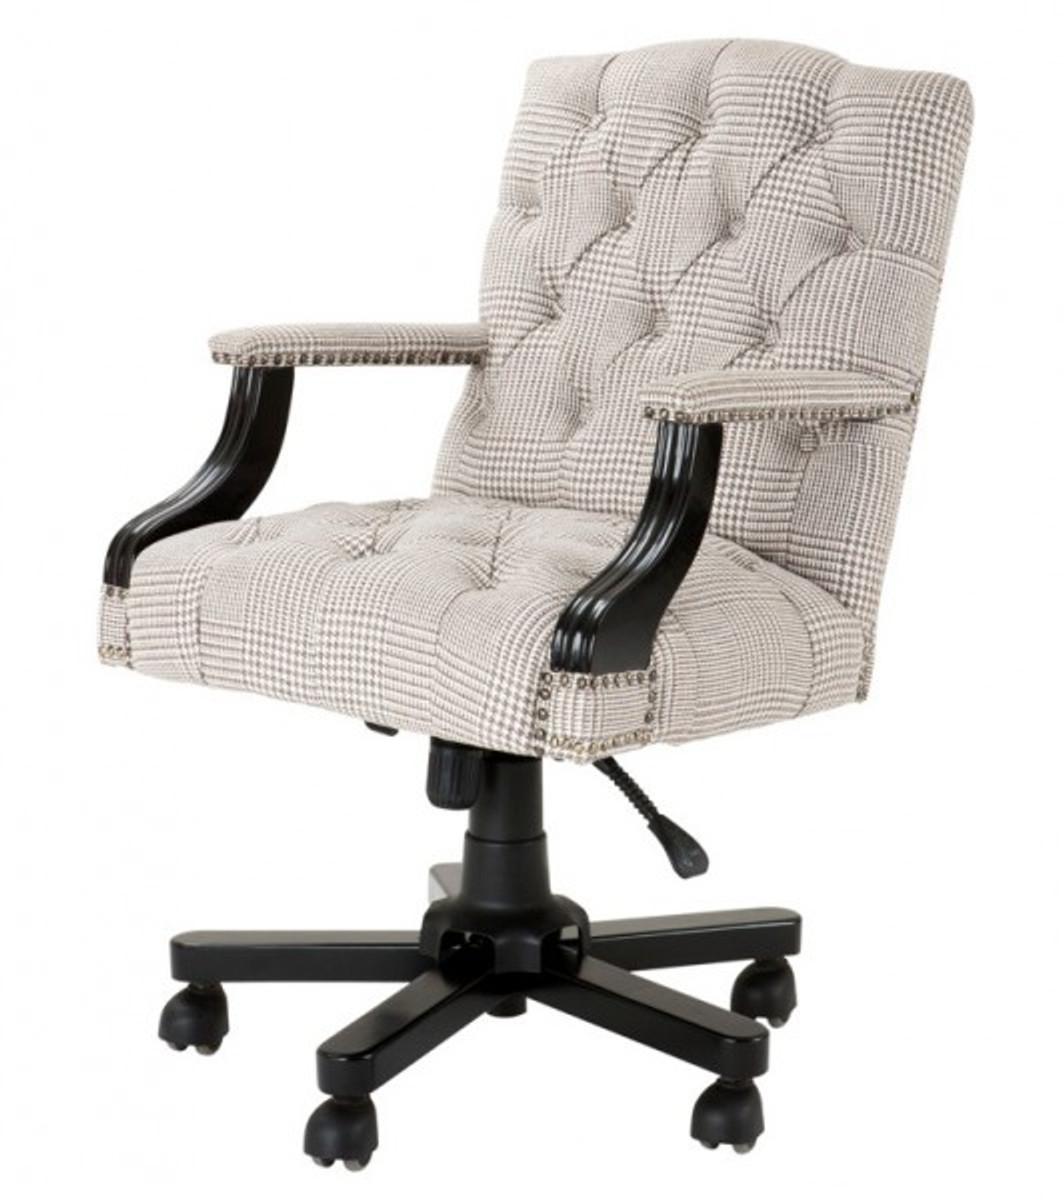 Creme Luxus Büro Stuhl Braun Chef Schreibtisch Drehstuhl OPZuXik